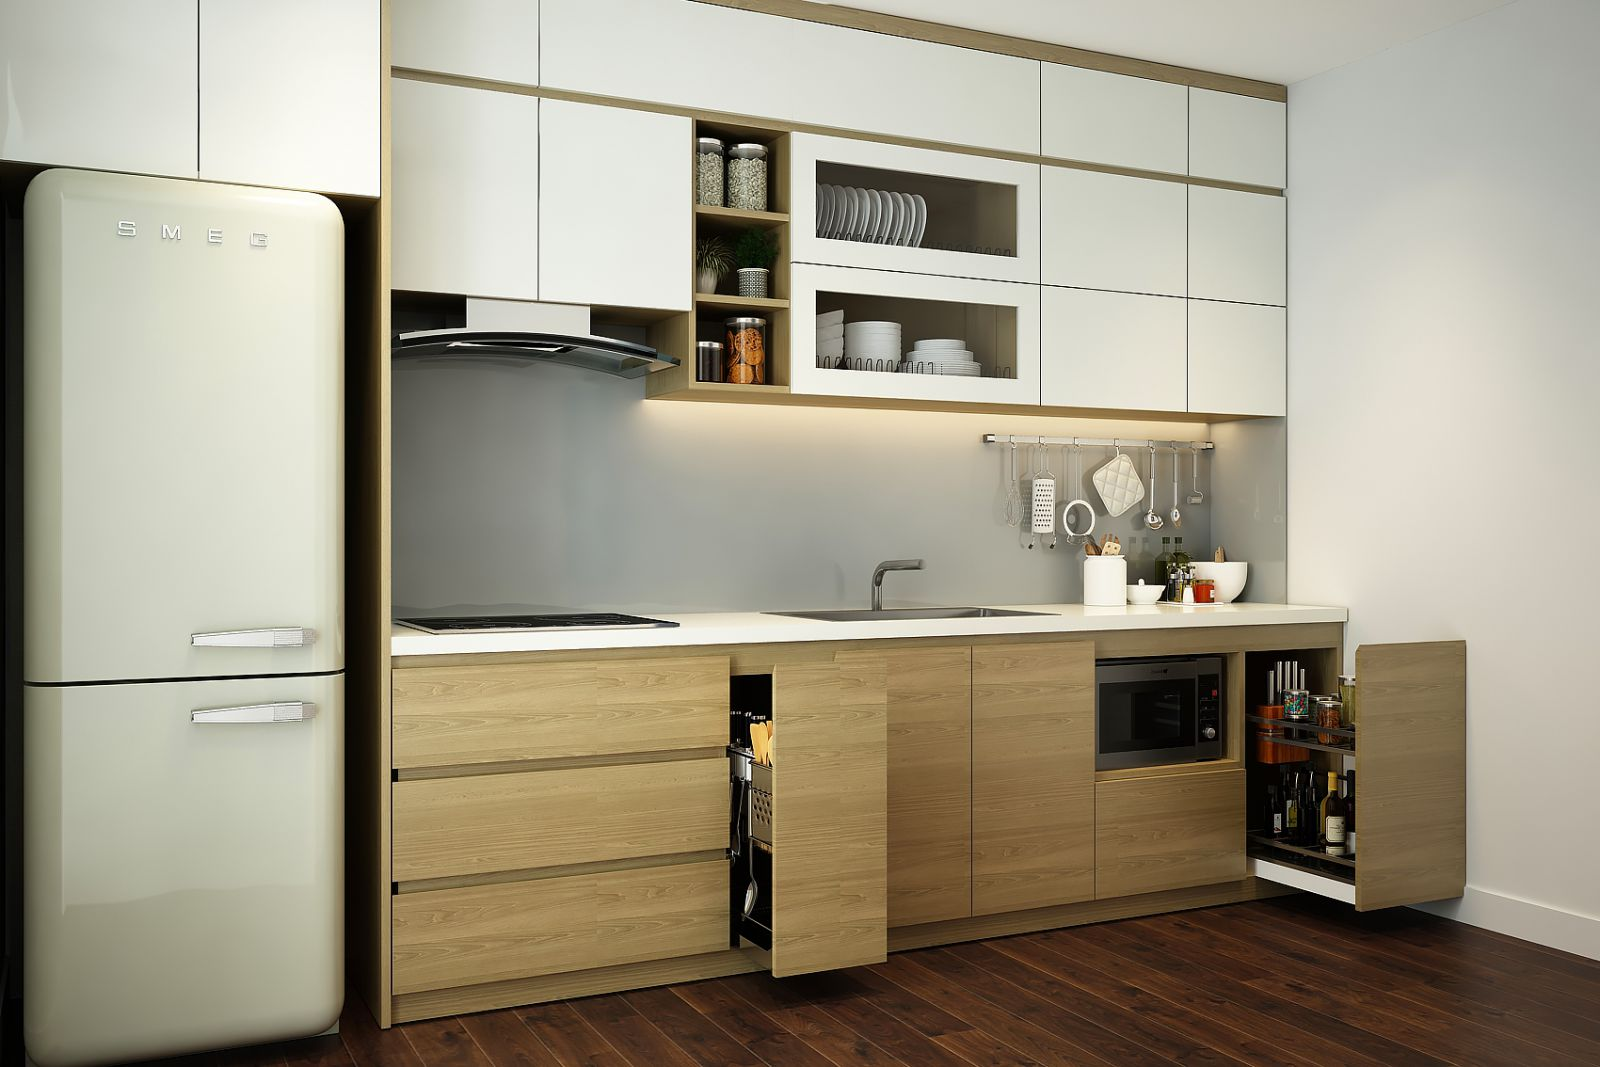 Tư vấn thiết kế nội thất căn hộ chung cư với diện tích (83m²) - Ảnh 8.